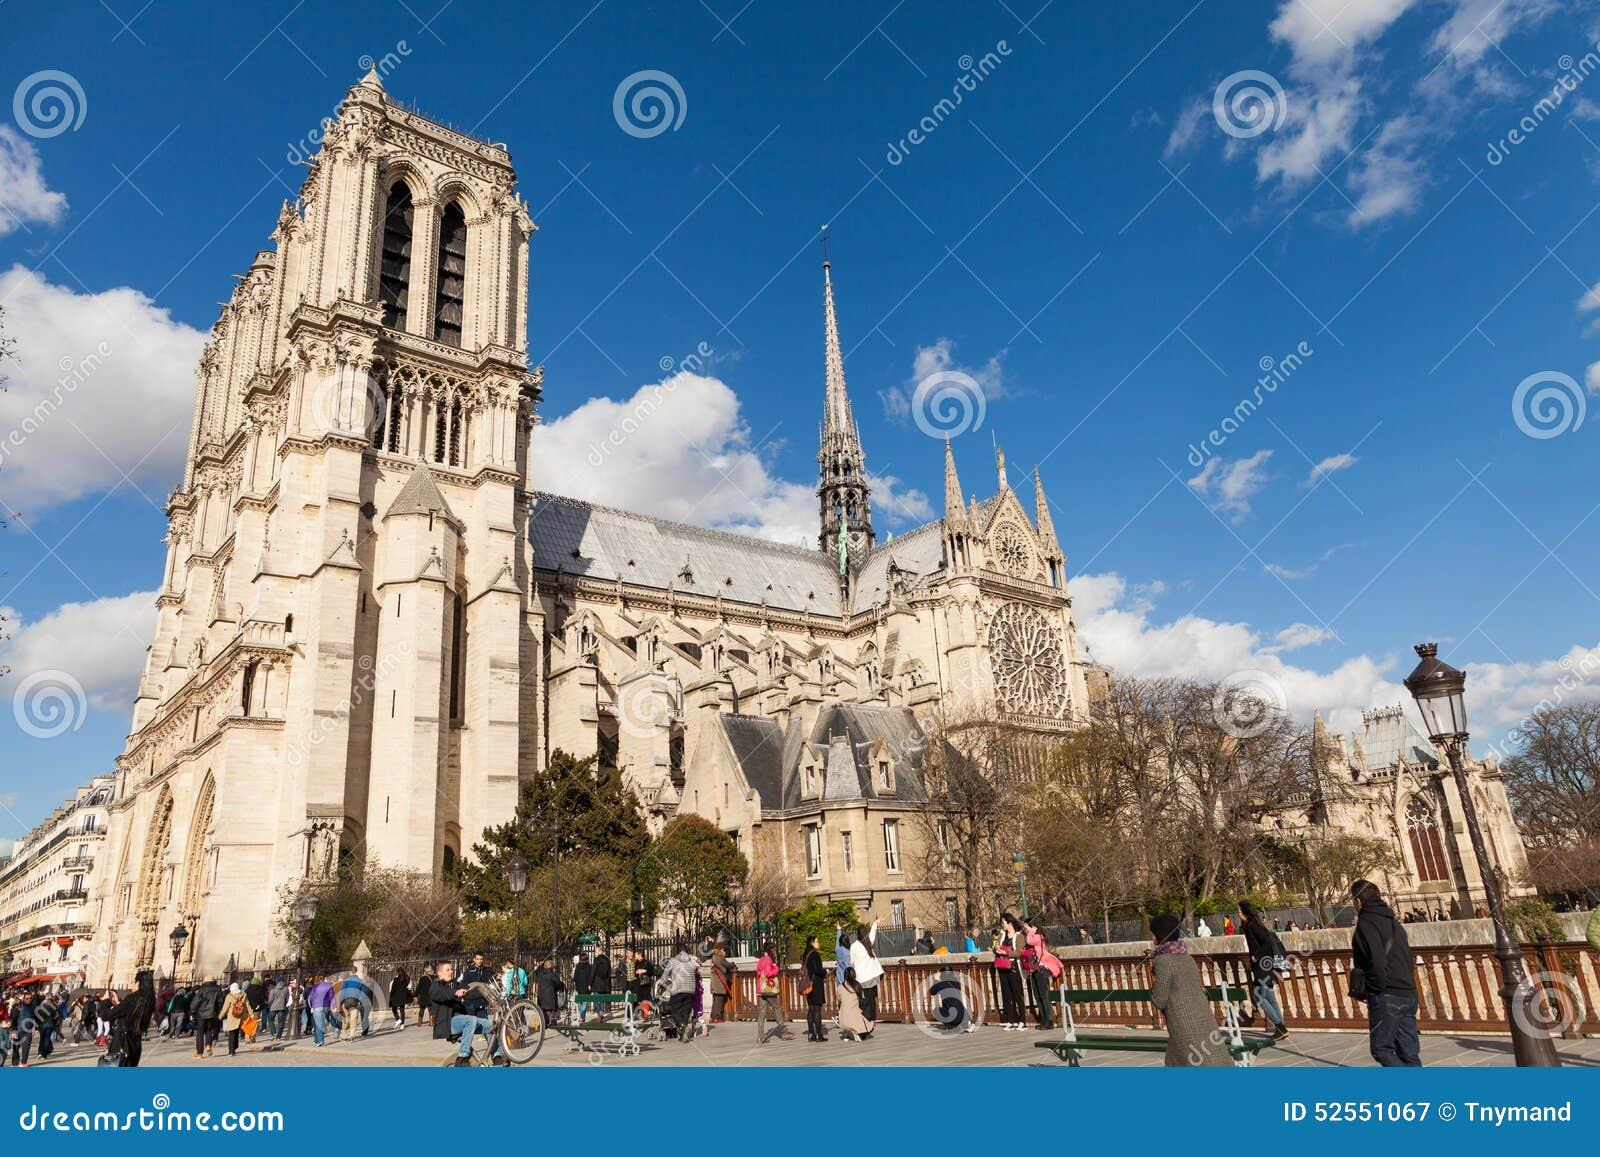 Povos Em Notre Dame, Igreja Católica Famosa, Marco Do Turismo Em ...